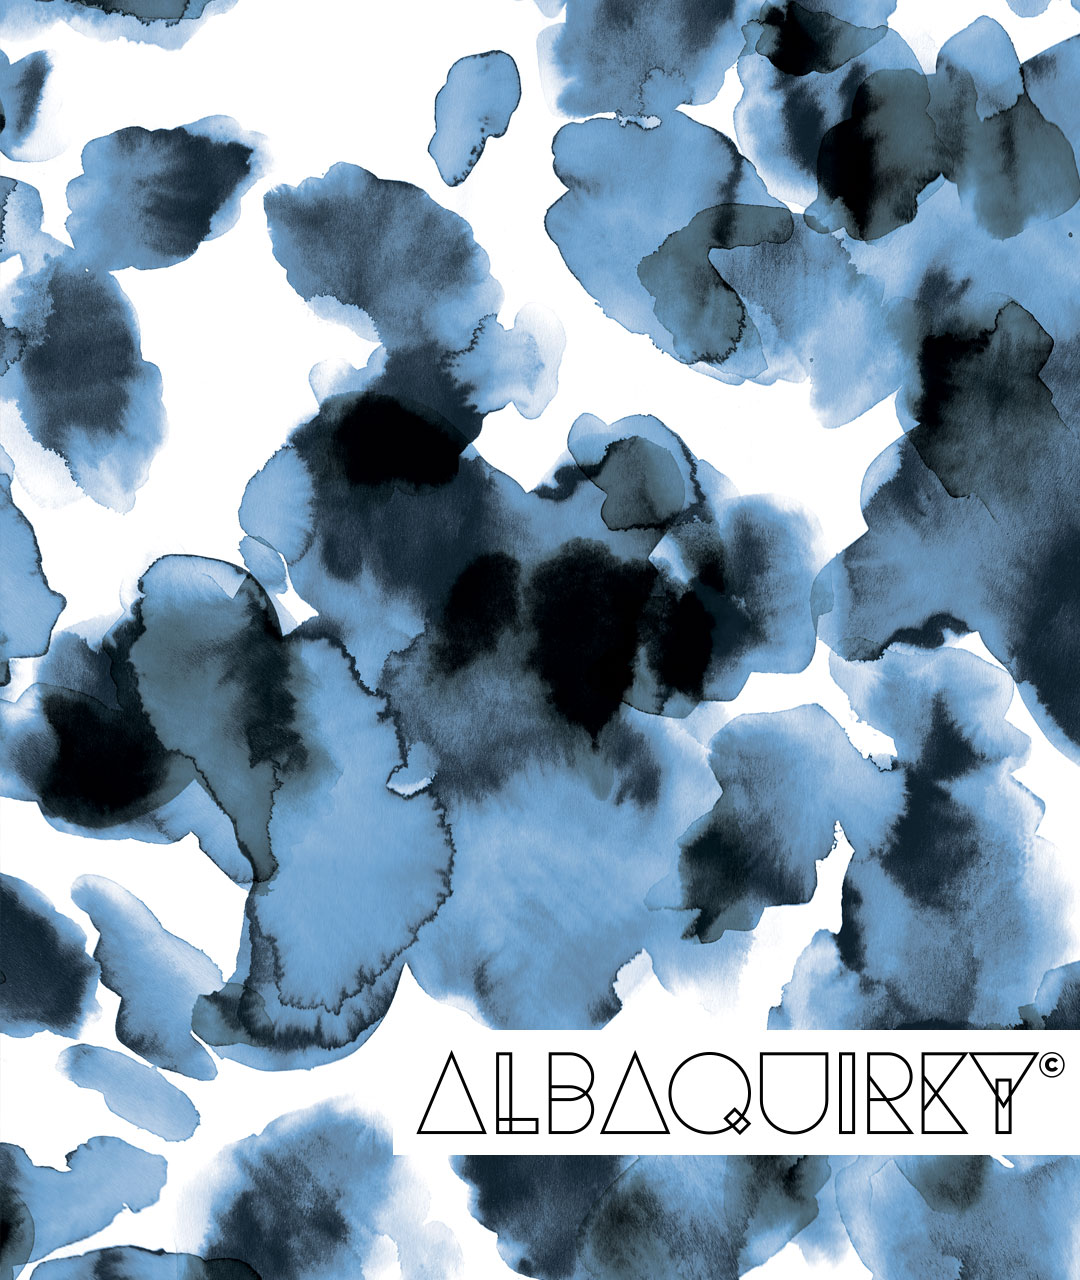 01_albaquirky